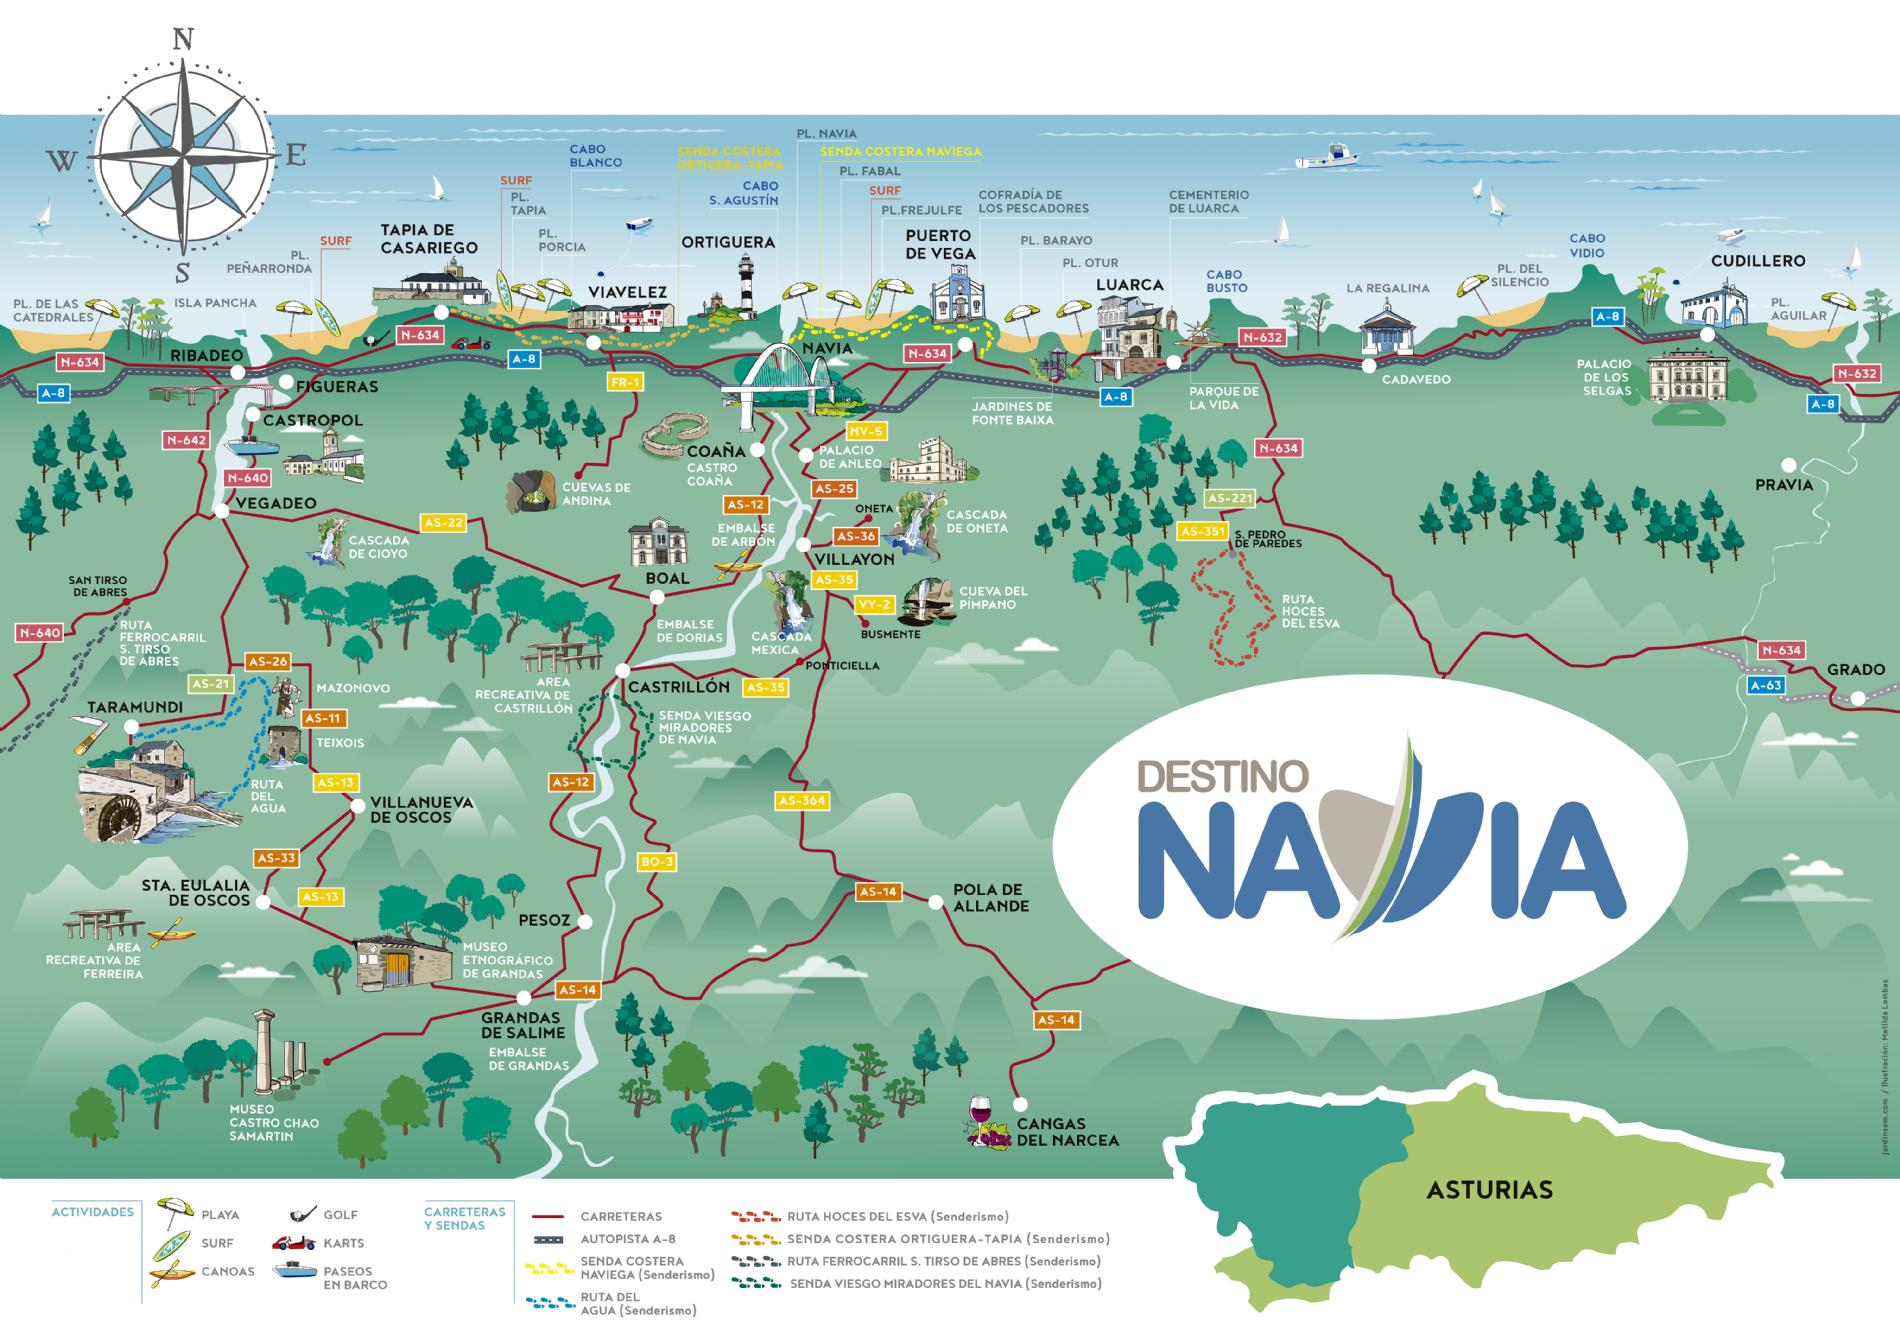 Costa De Asturias Mapa.Costa Asturiana Mapa Elperolo